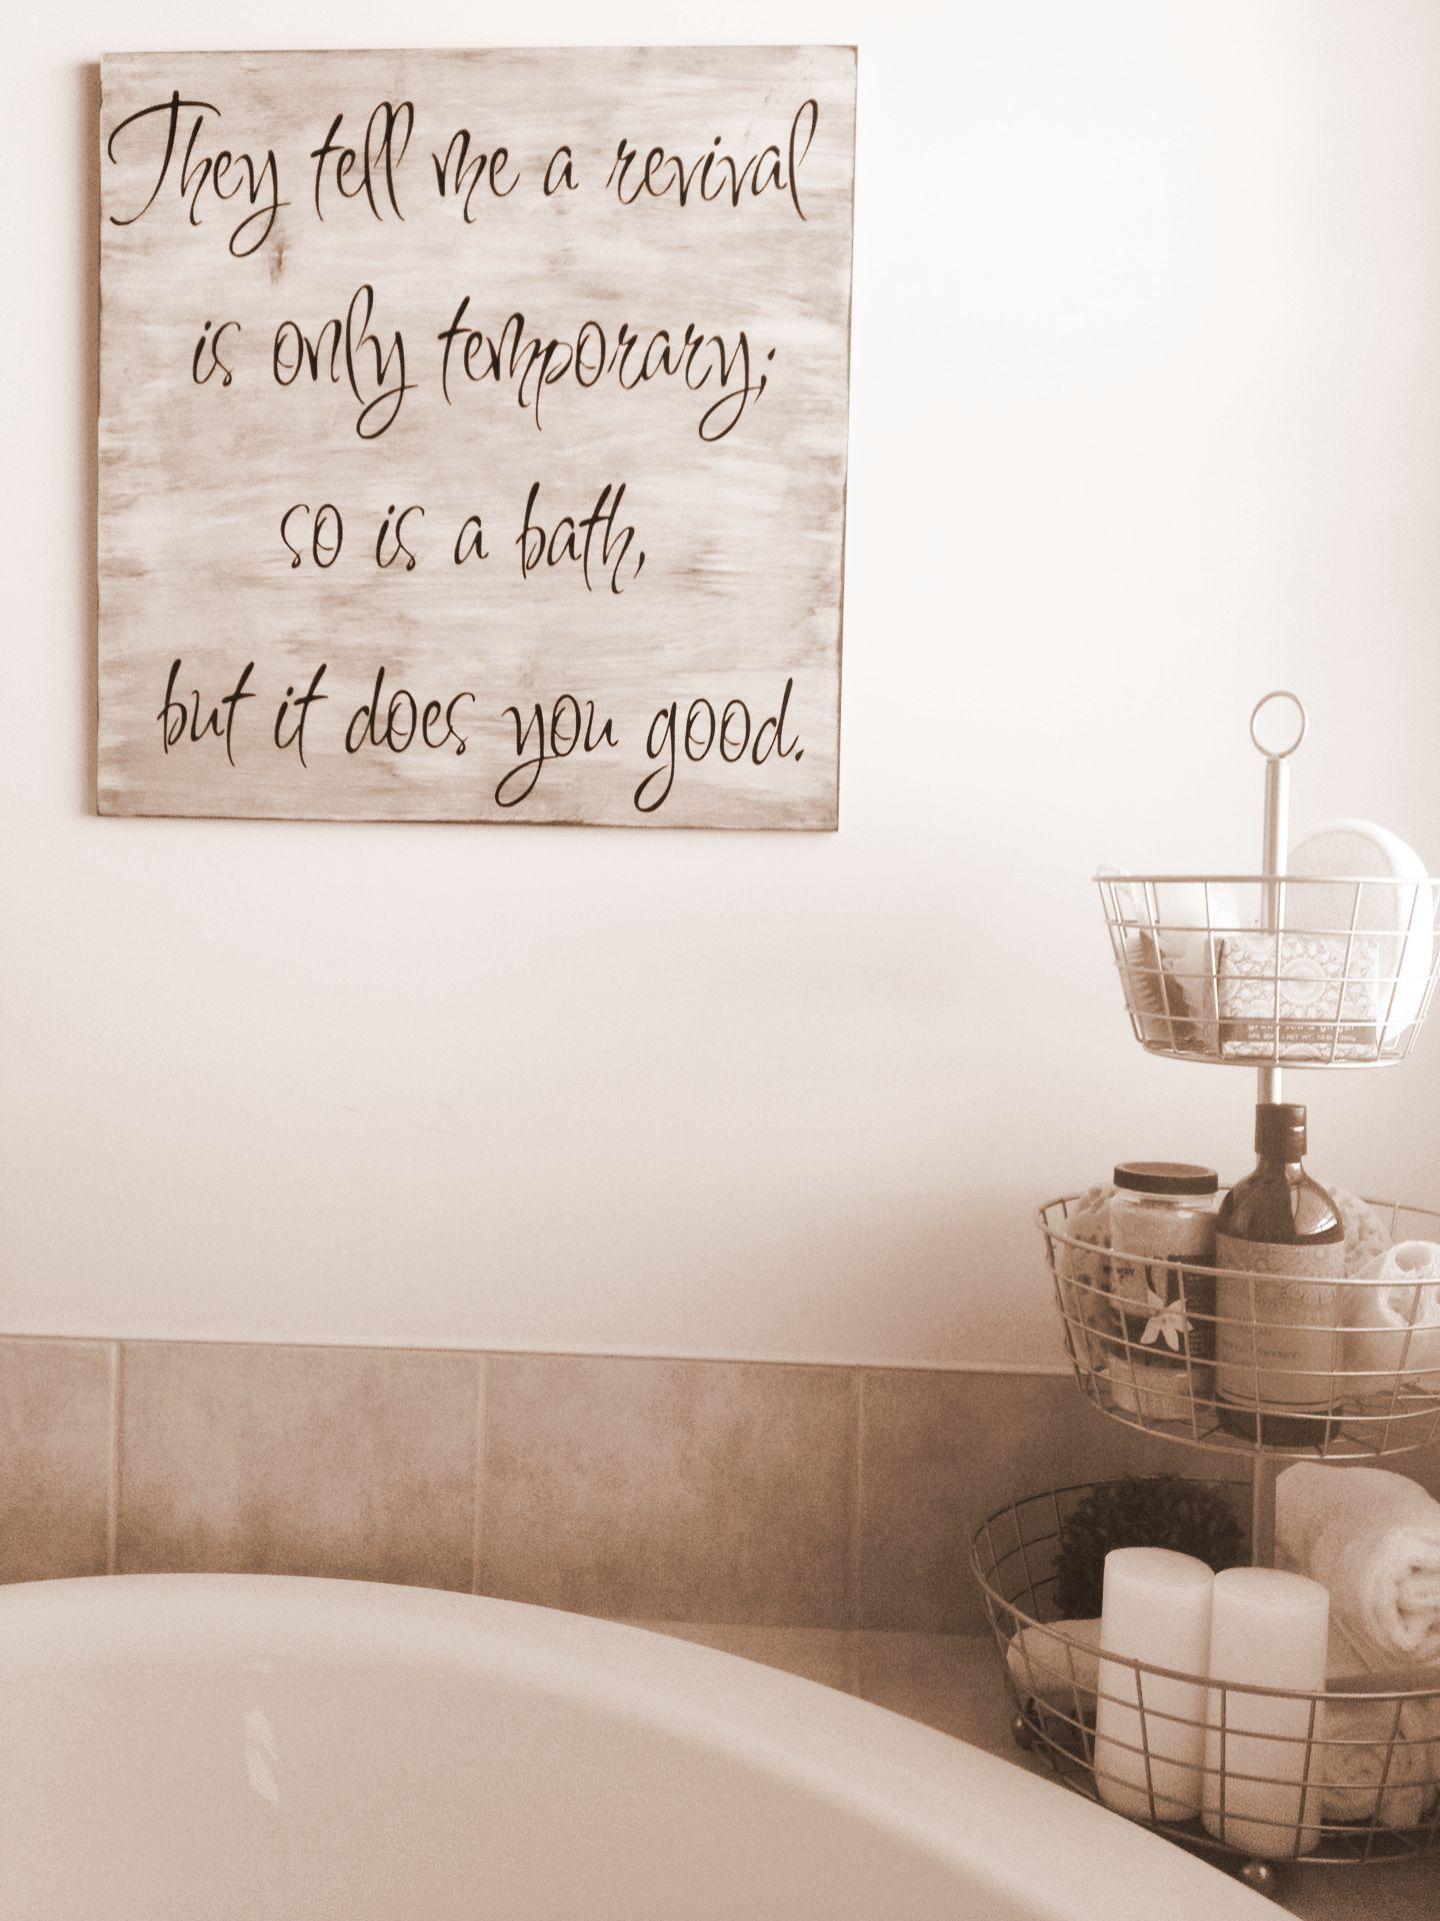 pin by alexis kole on house ideas pinterest on bathroom wall decor id=41462